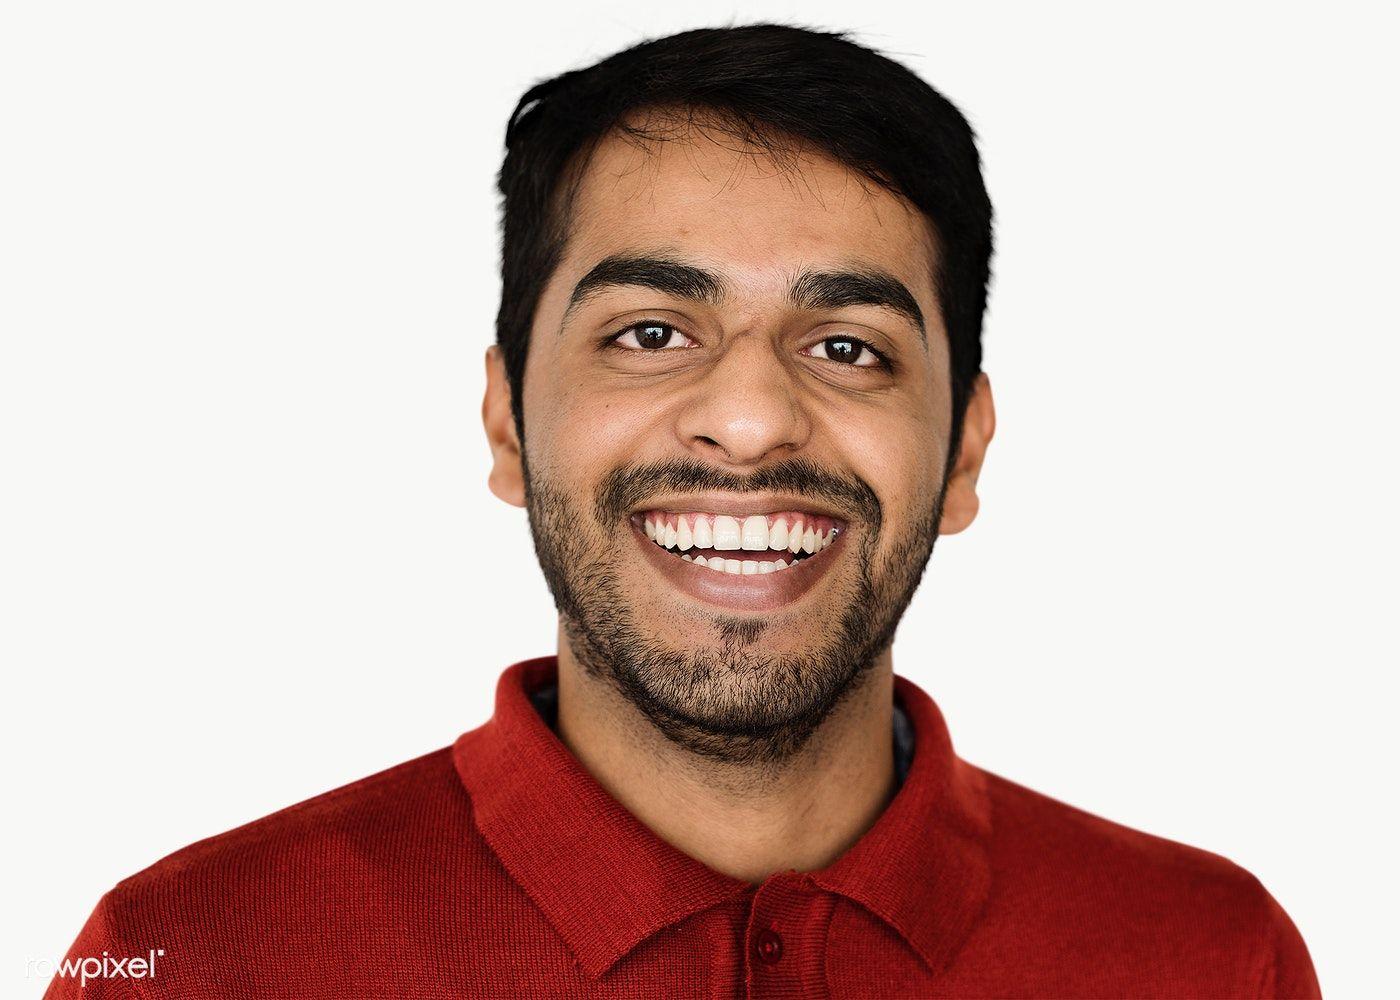 Download Premium Png Of Cheerful Young Man Transparent Png 1232509 Studio Portraits Male Portrait Portrait